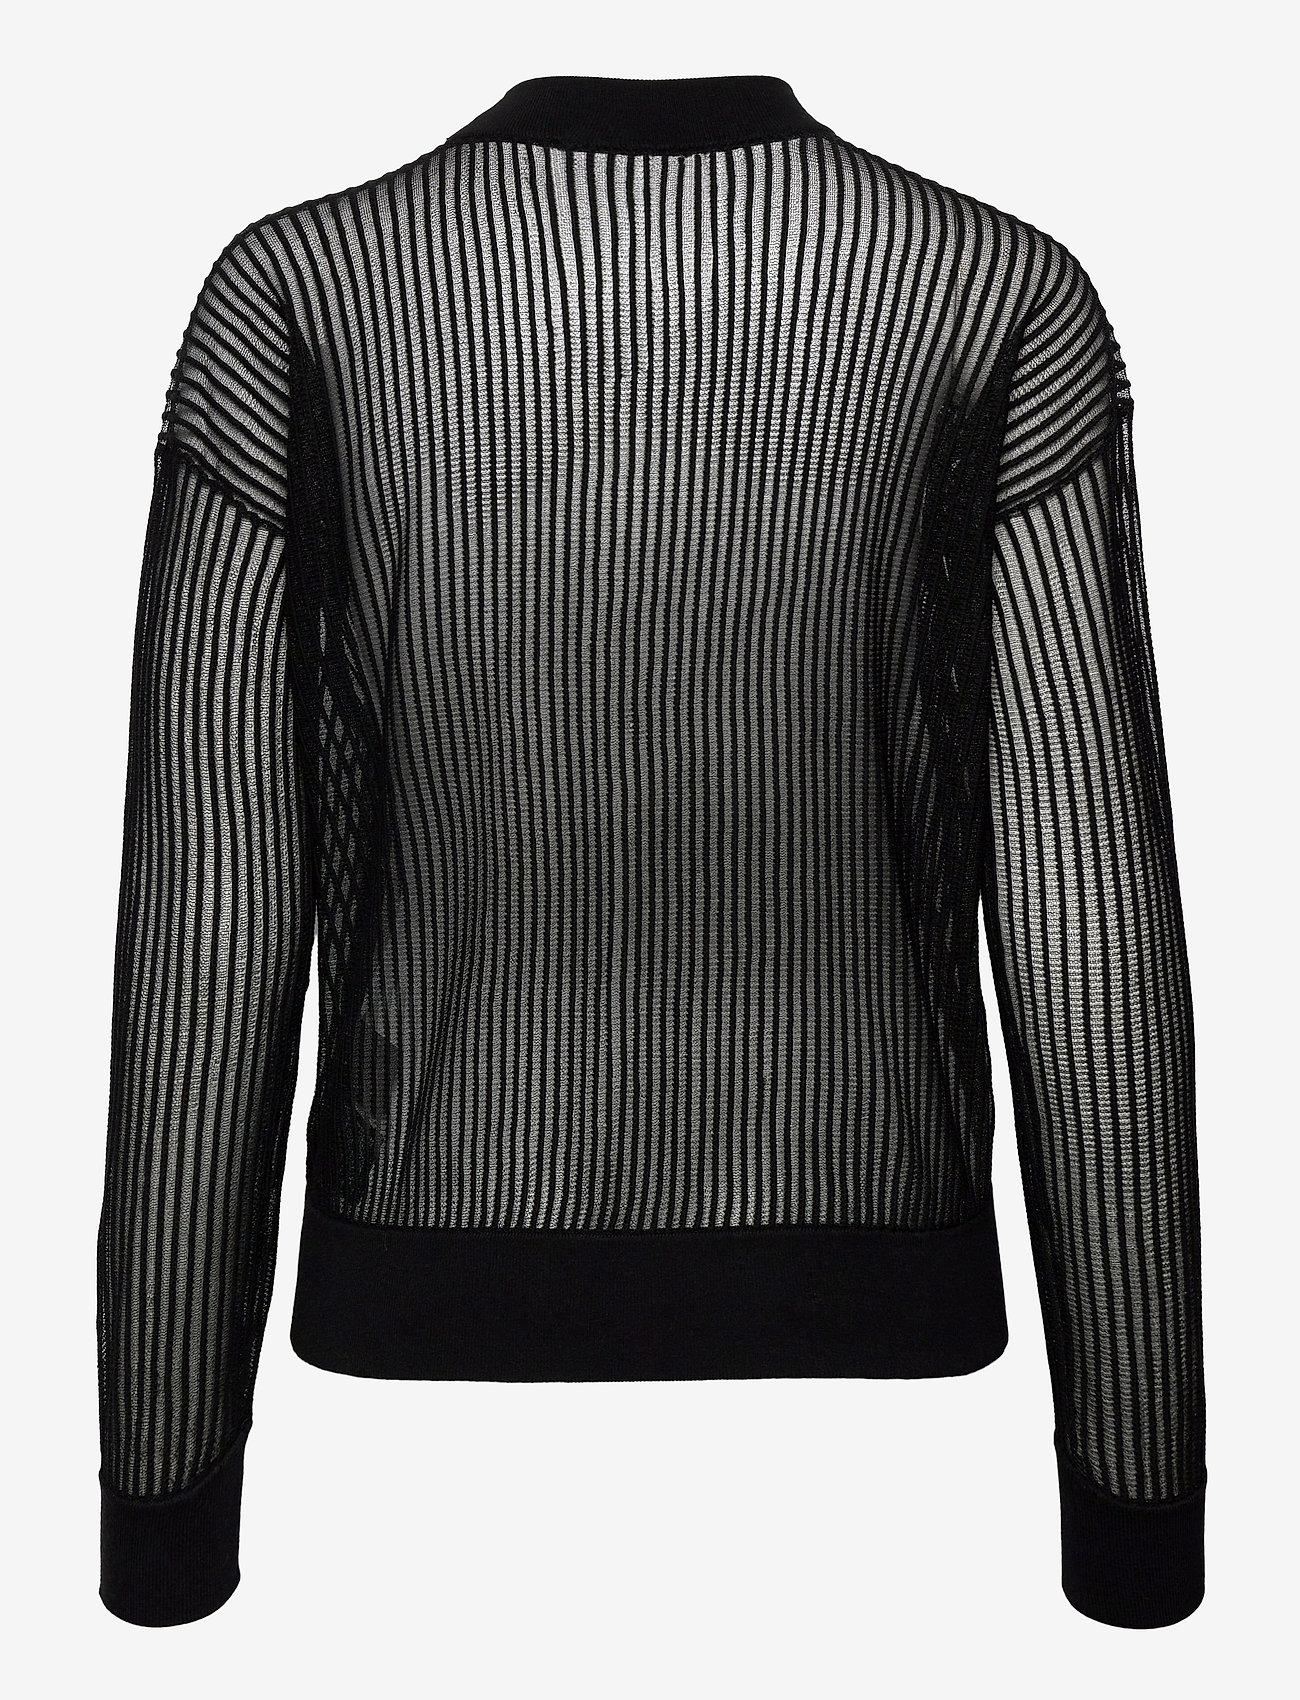 Calvin Klein Jeans - CK NECK SEE THROUGH SWEATER - gensere - ck black - 1